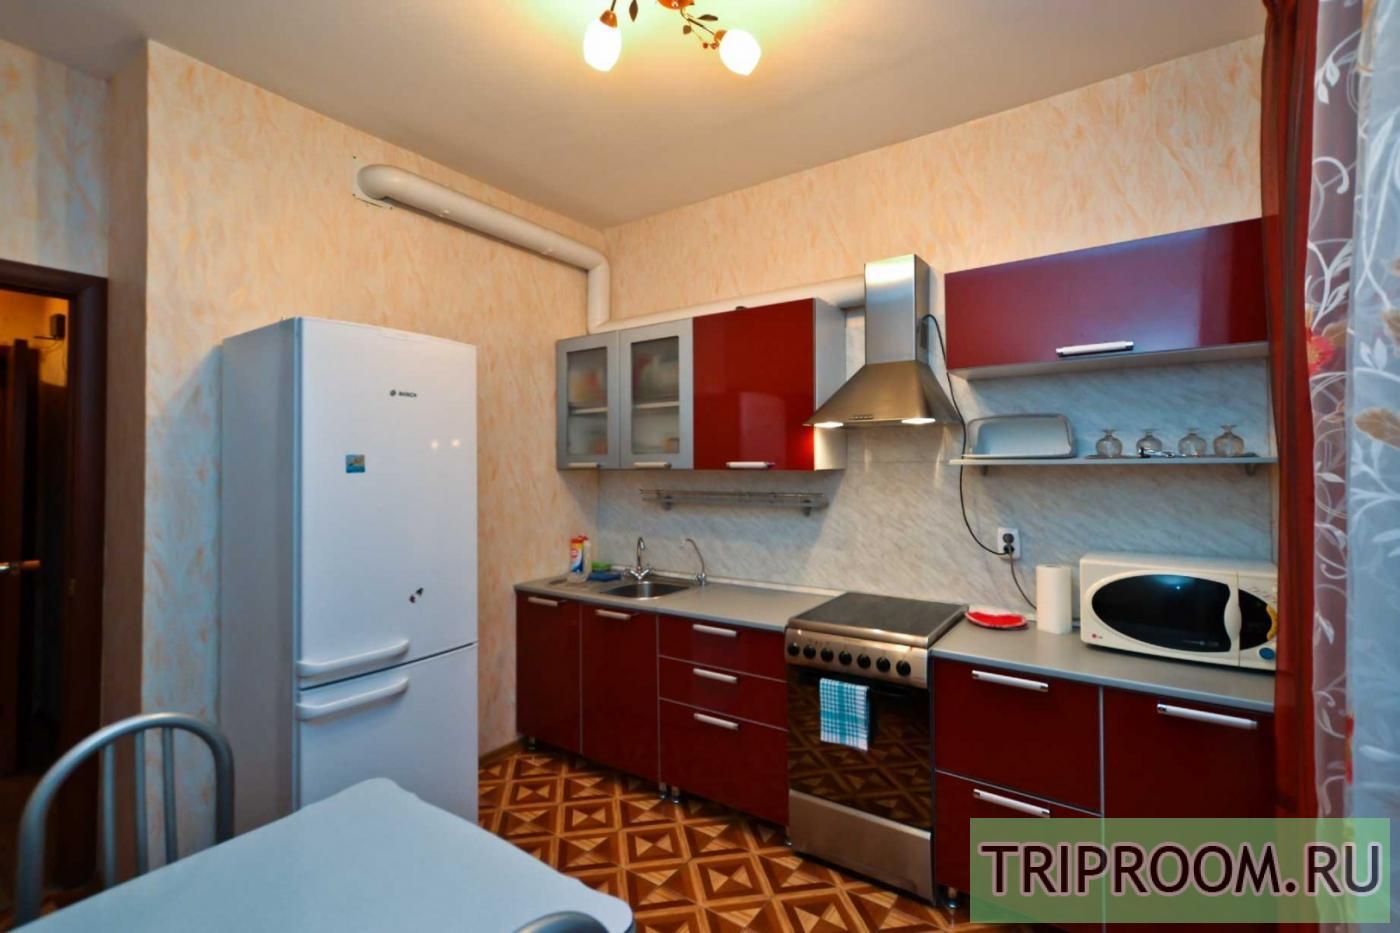 1-комнатная квартира посуточно (вариант № 22745), ул. Союзная улица, фото № 5